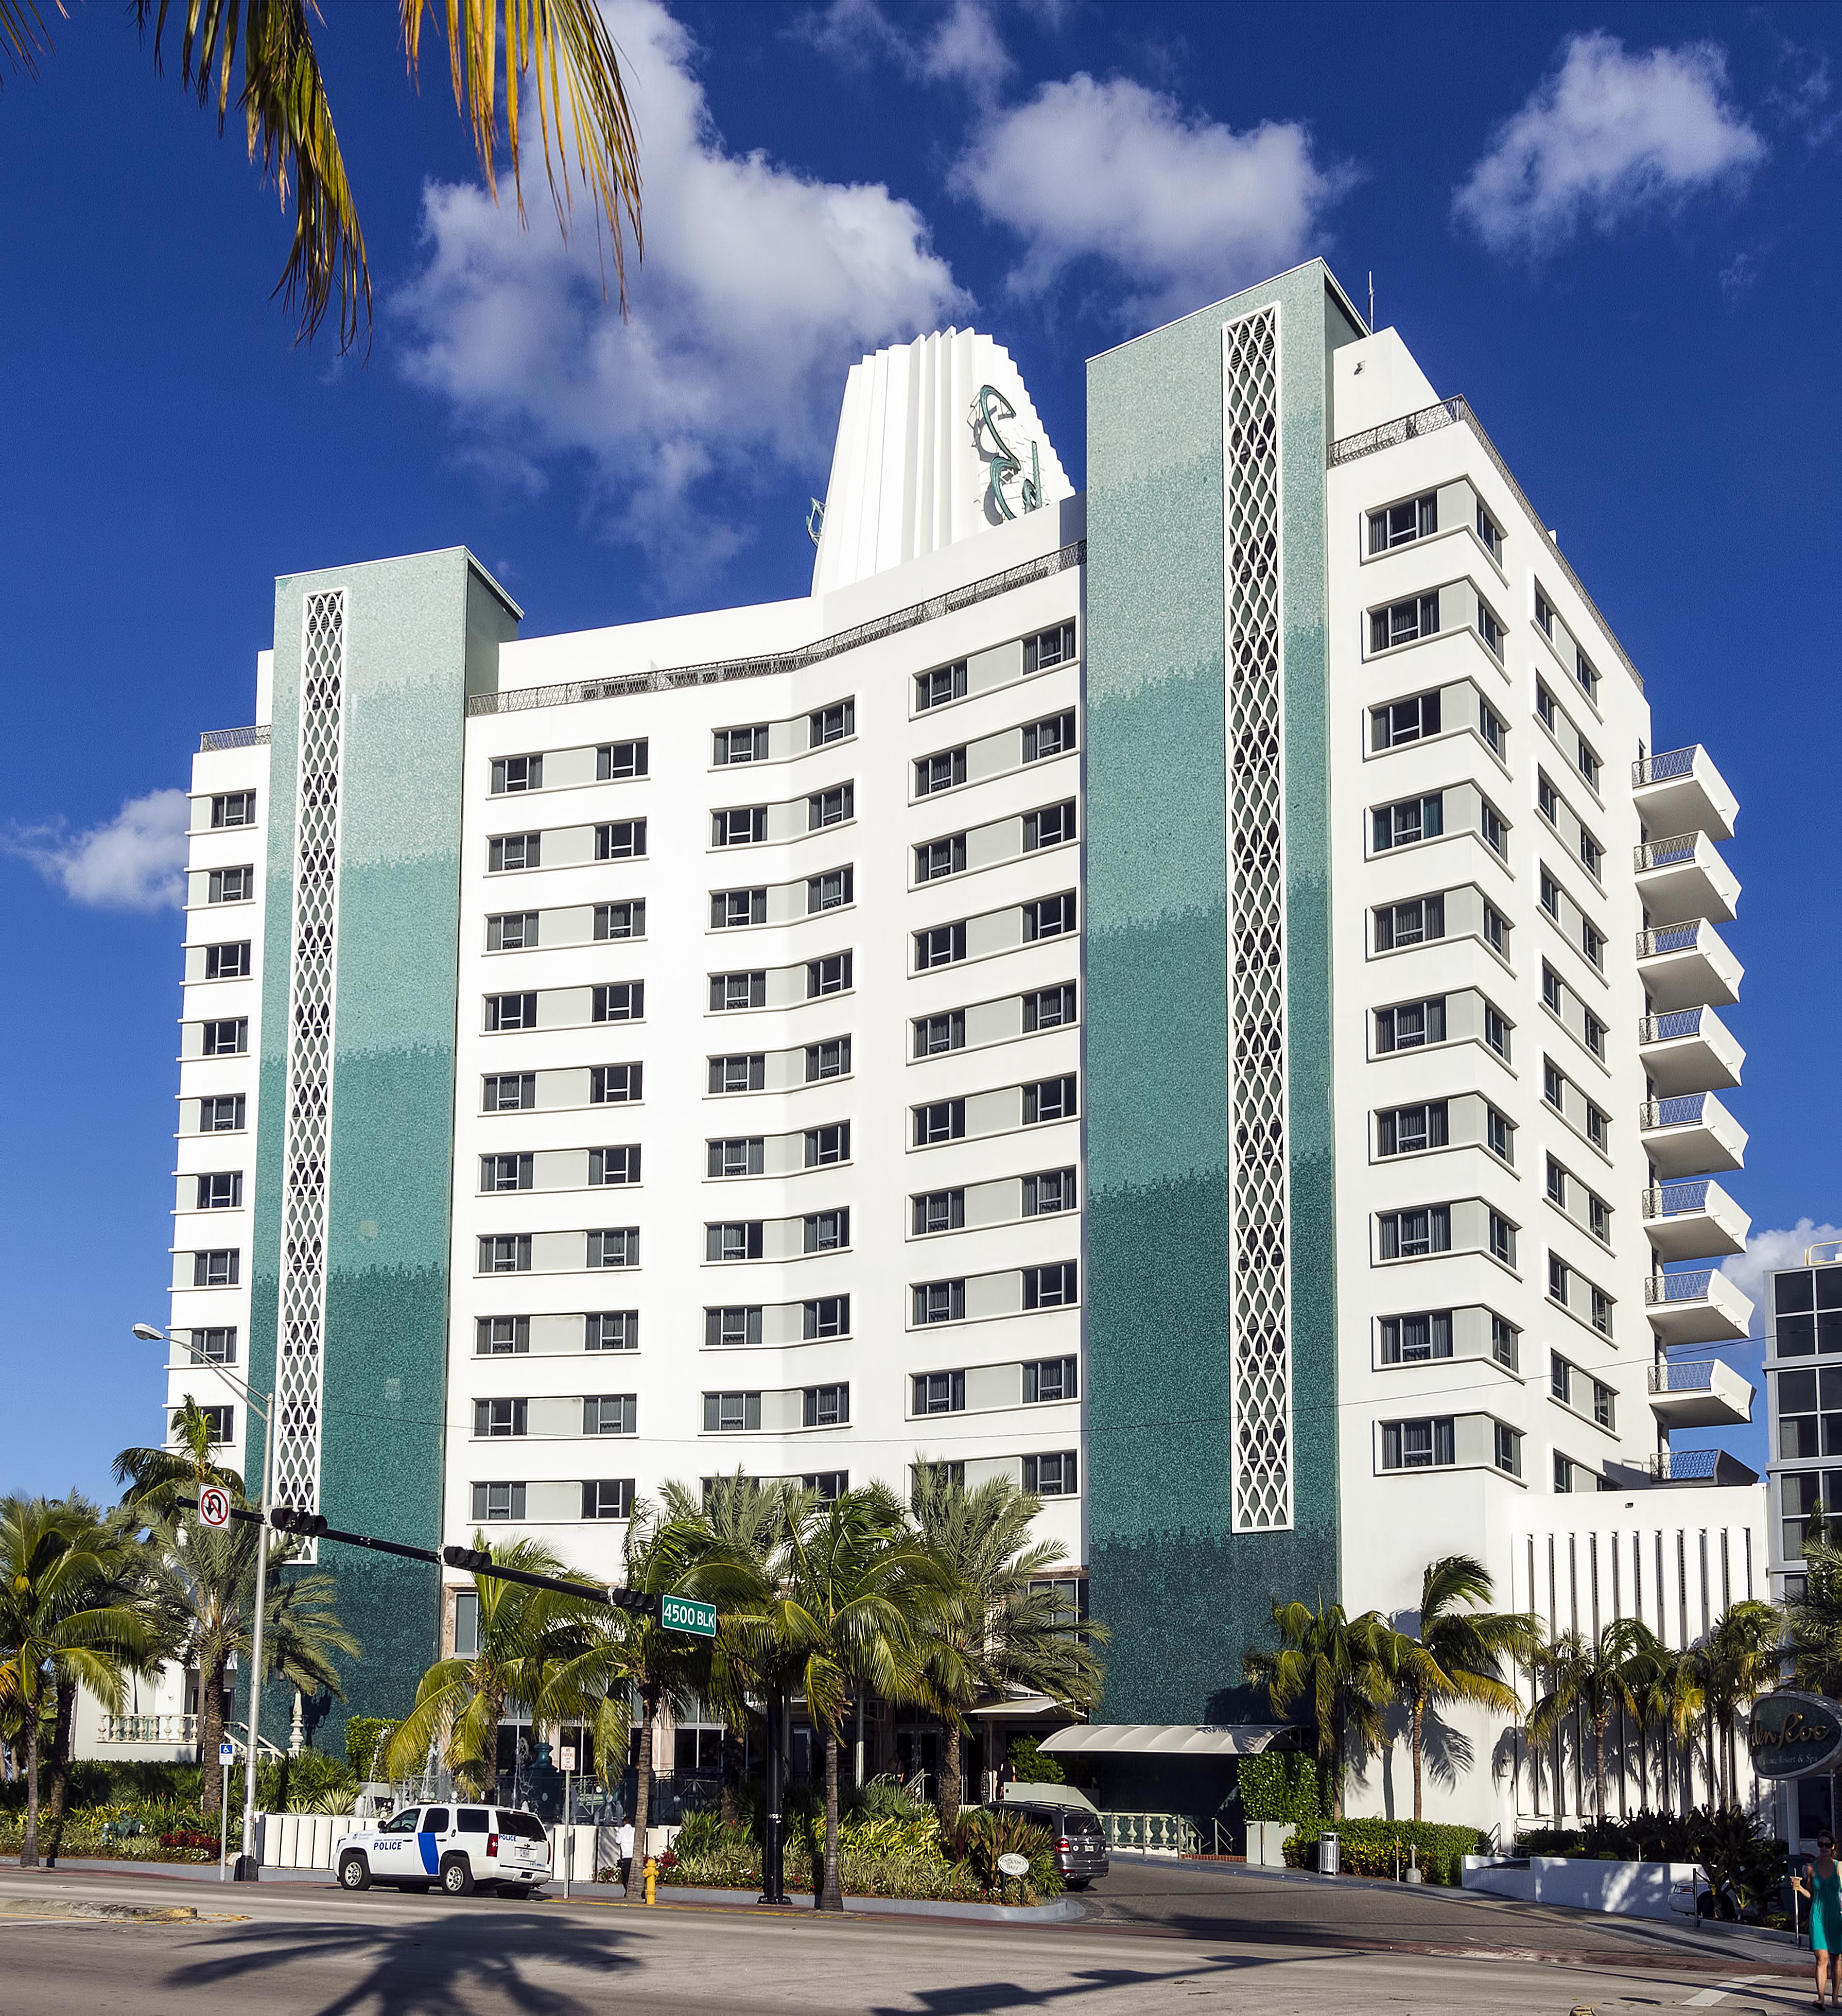 e3a97d5163c1 Eden Roc Miami Beach Hotel - Wikipedia